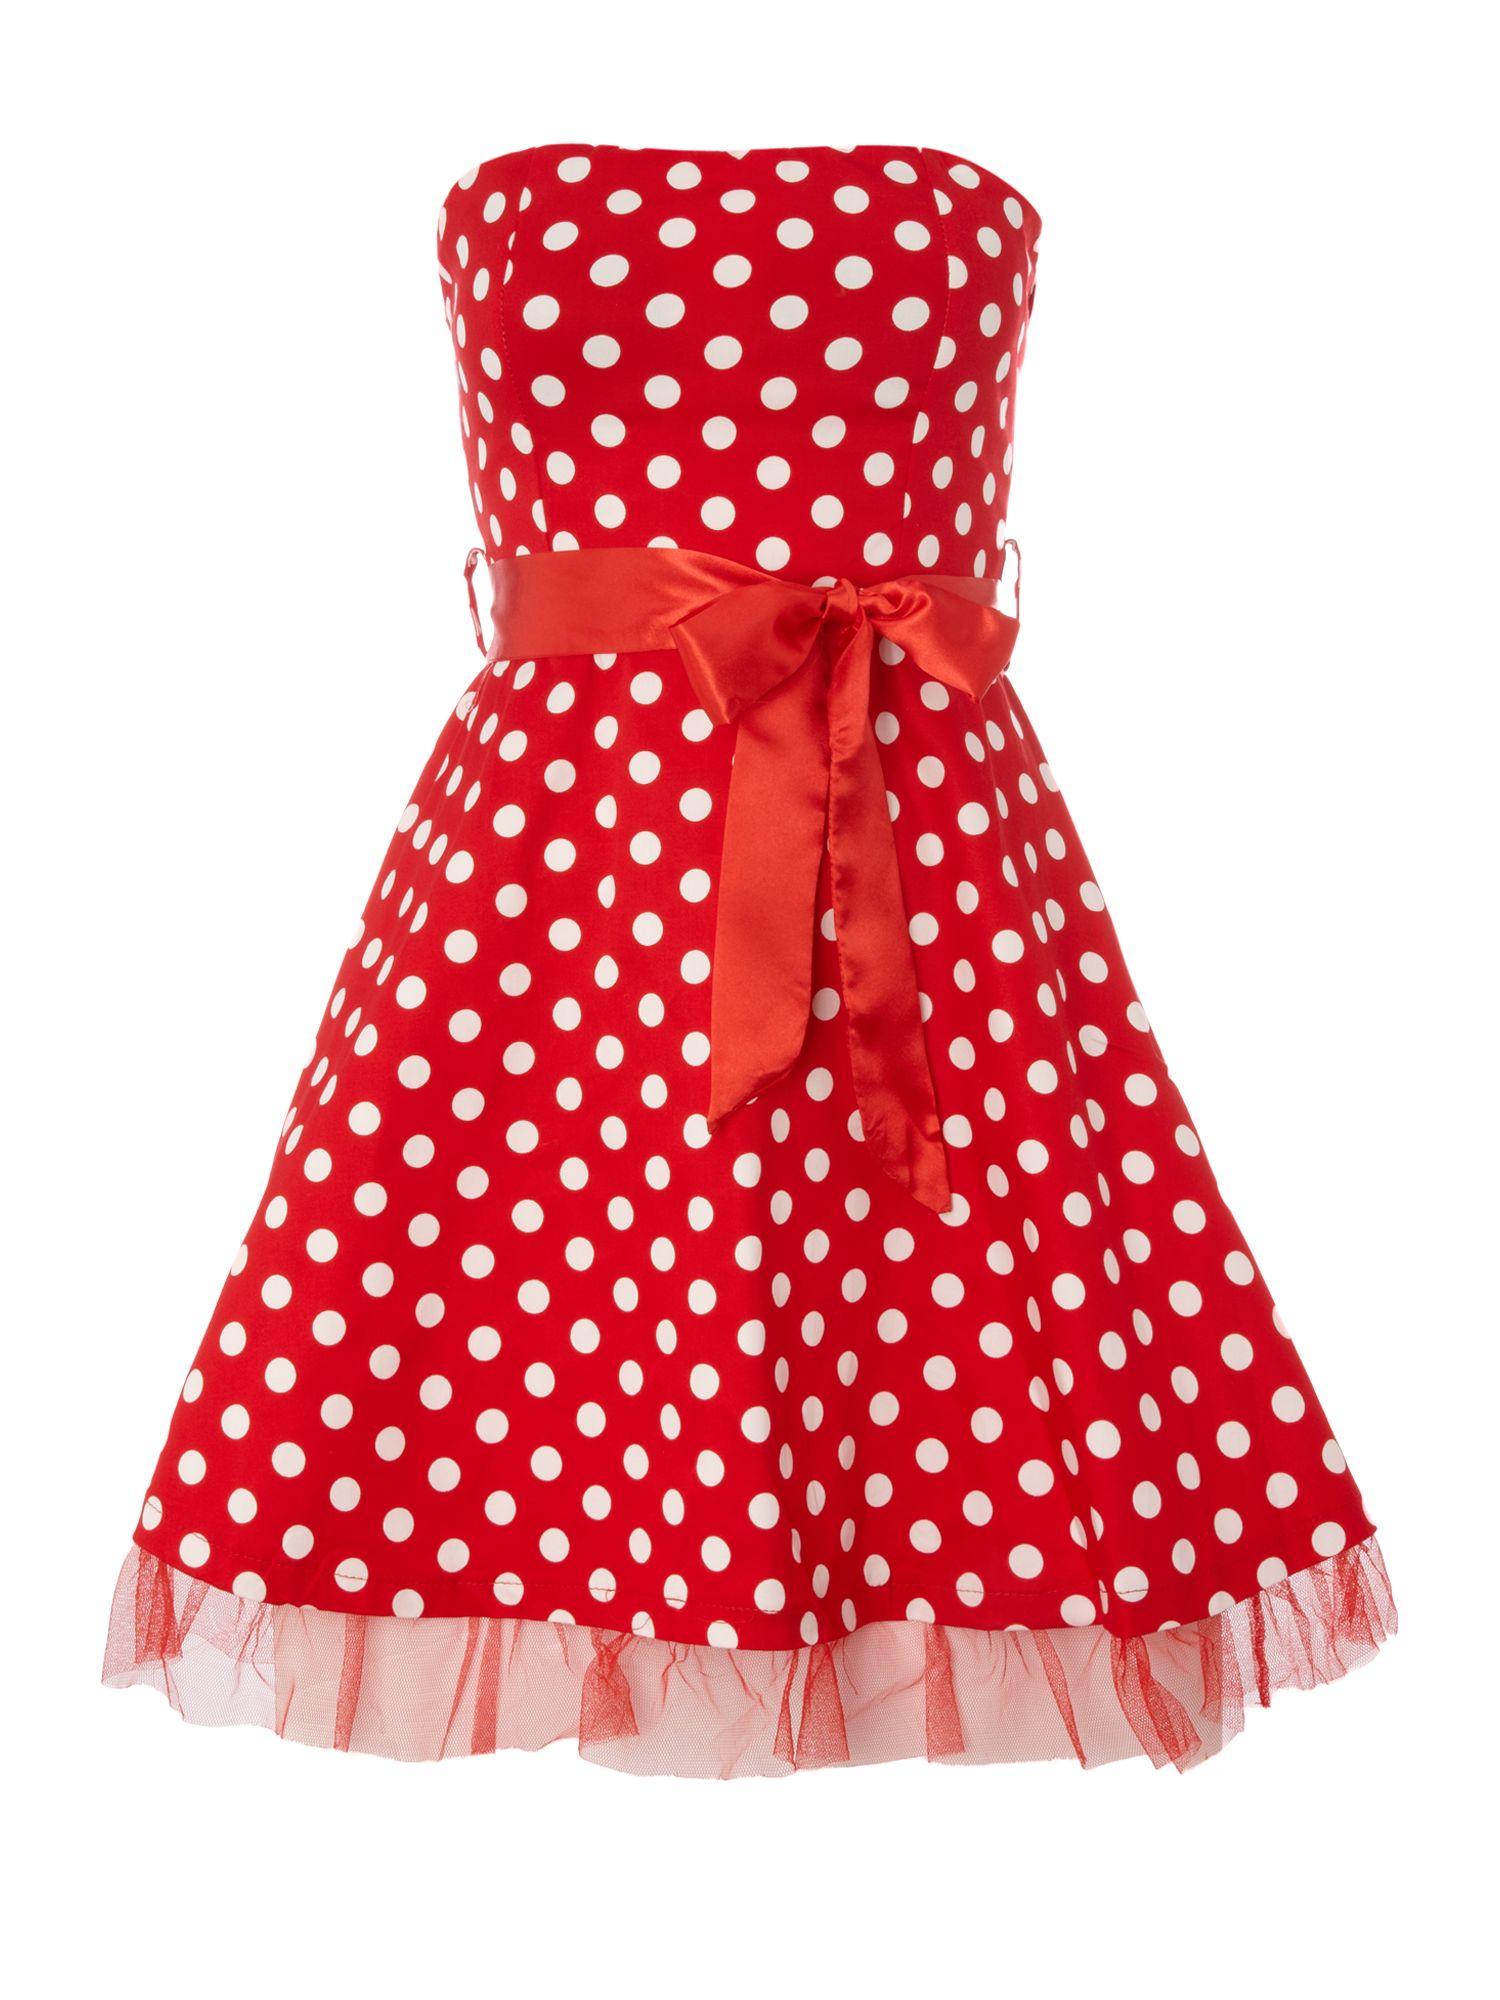 ax ax polka dot dress with ribbon belt in